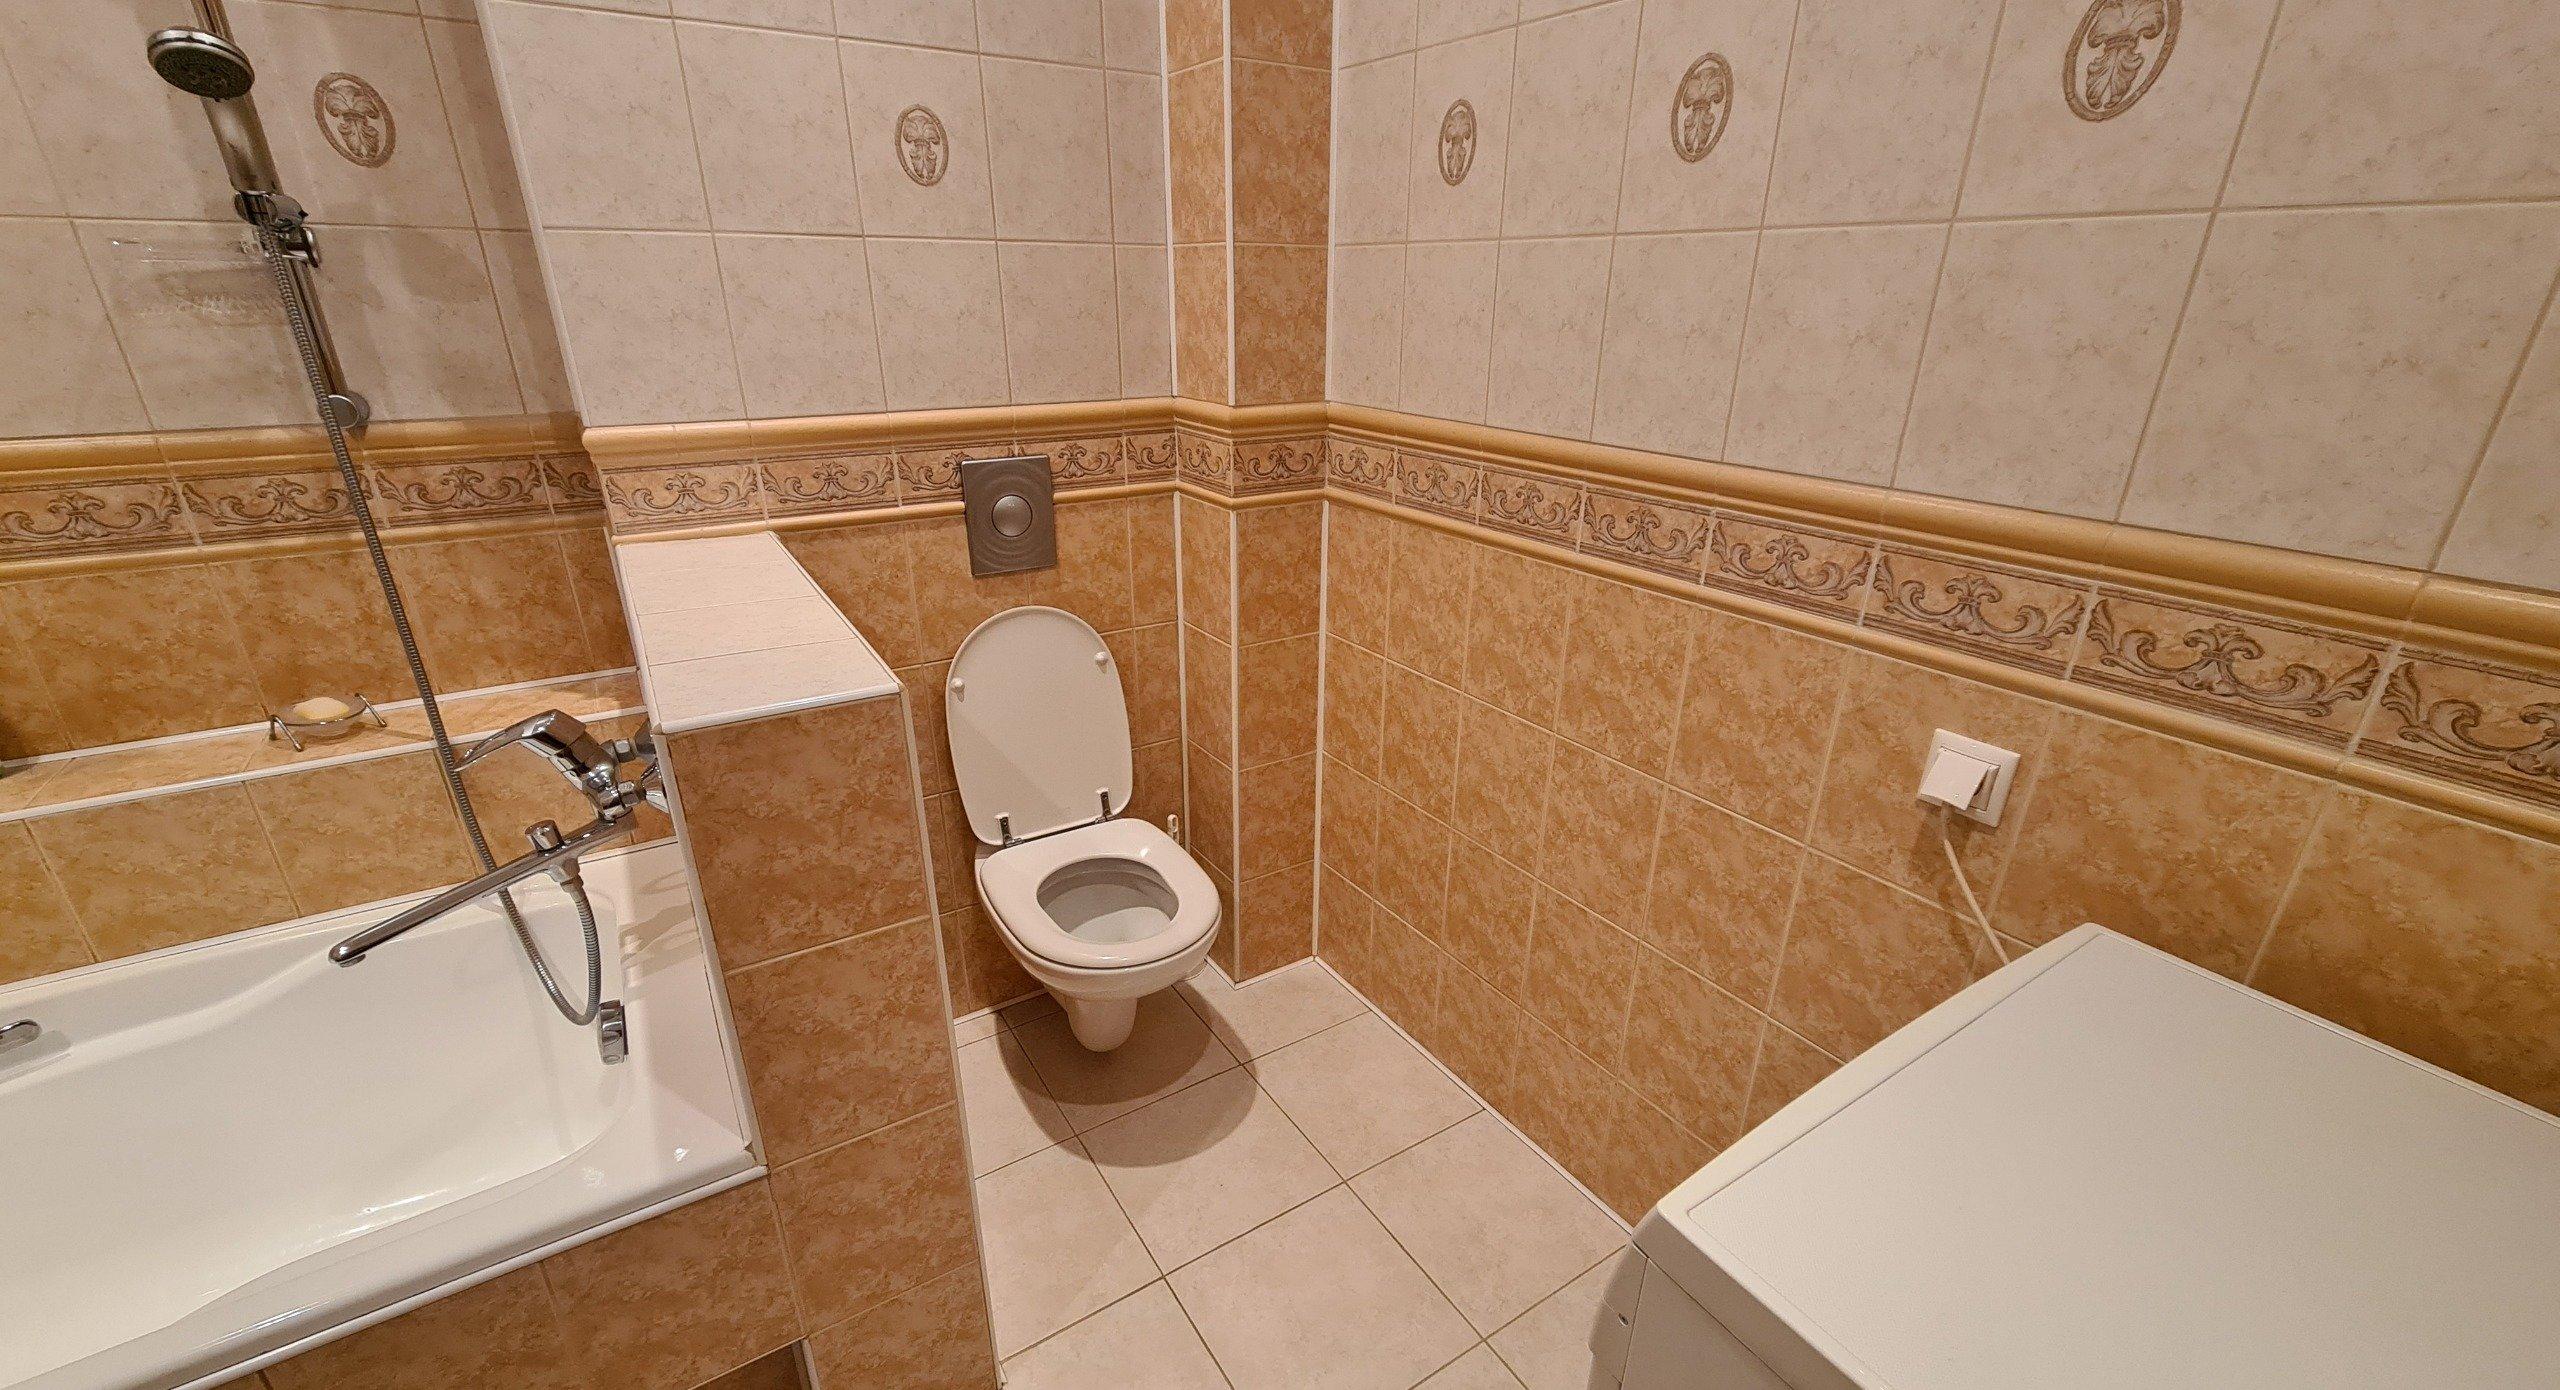 4к квартира ул Елены Стасовой, д 25 | 70000 | аренда в Красноярске фото 12